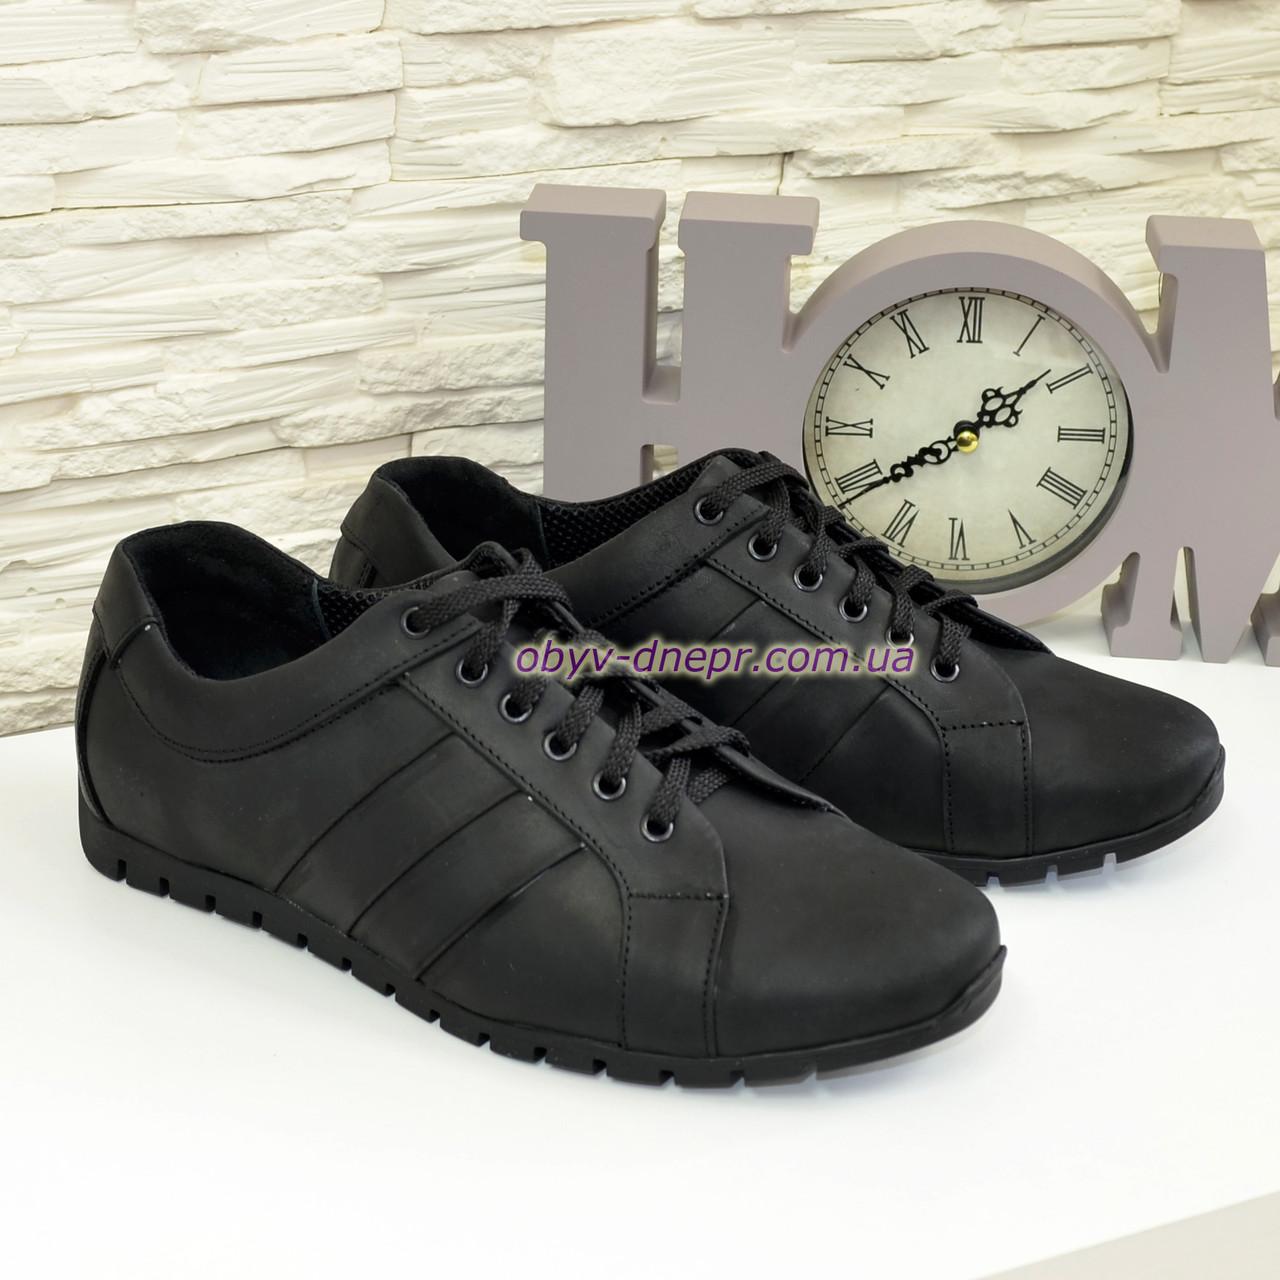 Туфли-кроссовки кожаные мужские комфортные, цвет черный